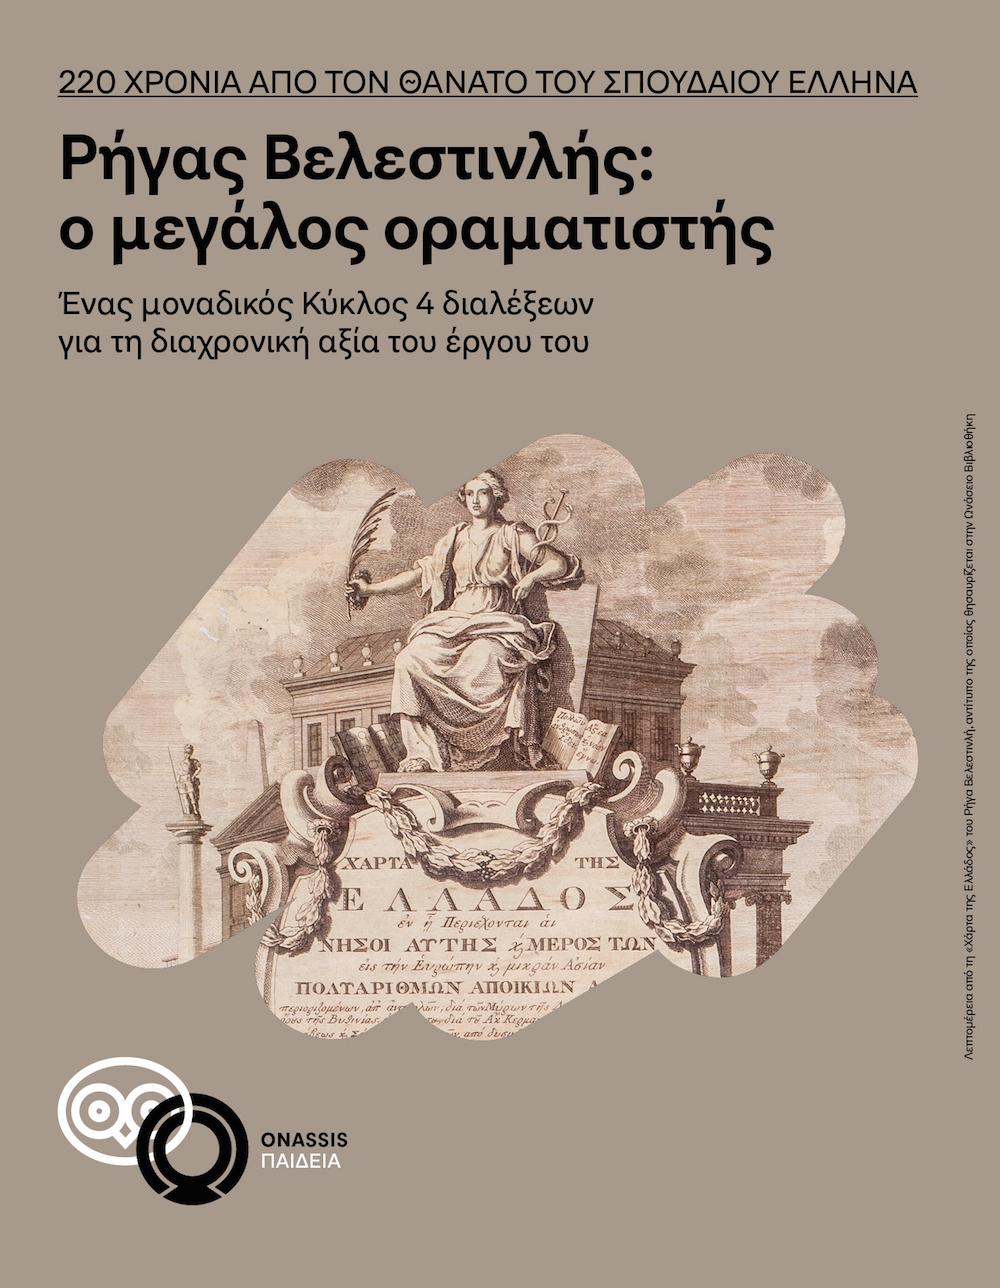 ΡΗΓΑΣ ΒΕΛΕΣΤΙΝΛΗΣ: Ο ΜΕΓΑΛΟΣ ΟΡΑΜΑΤΙΣΤΗΣ Ωνάσειος Βιβλιοθήκη